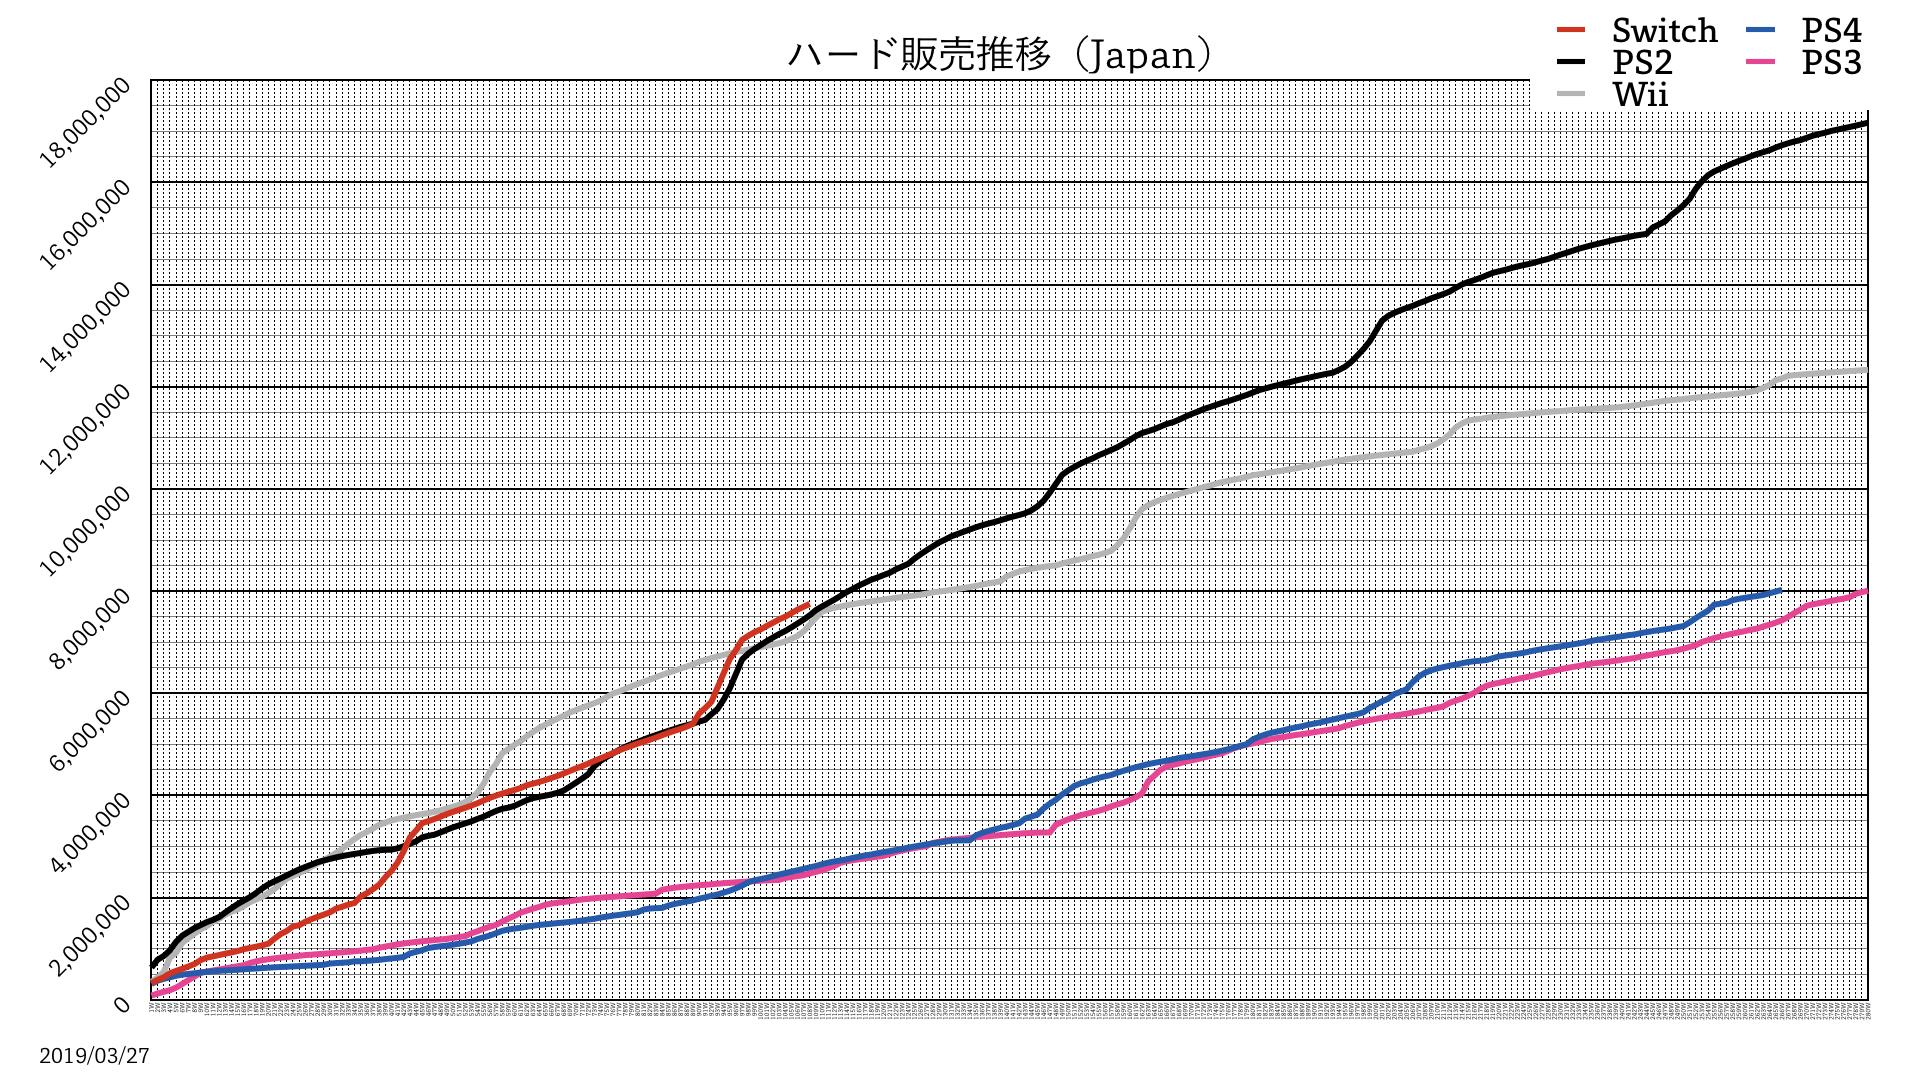 pWf512M - 【グラフあり】Switchさん、PS2の勢いを超える!PS4は後発のSwitchさんに追い抜かれる模様